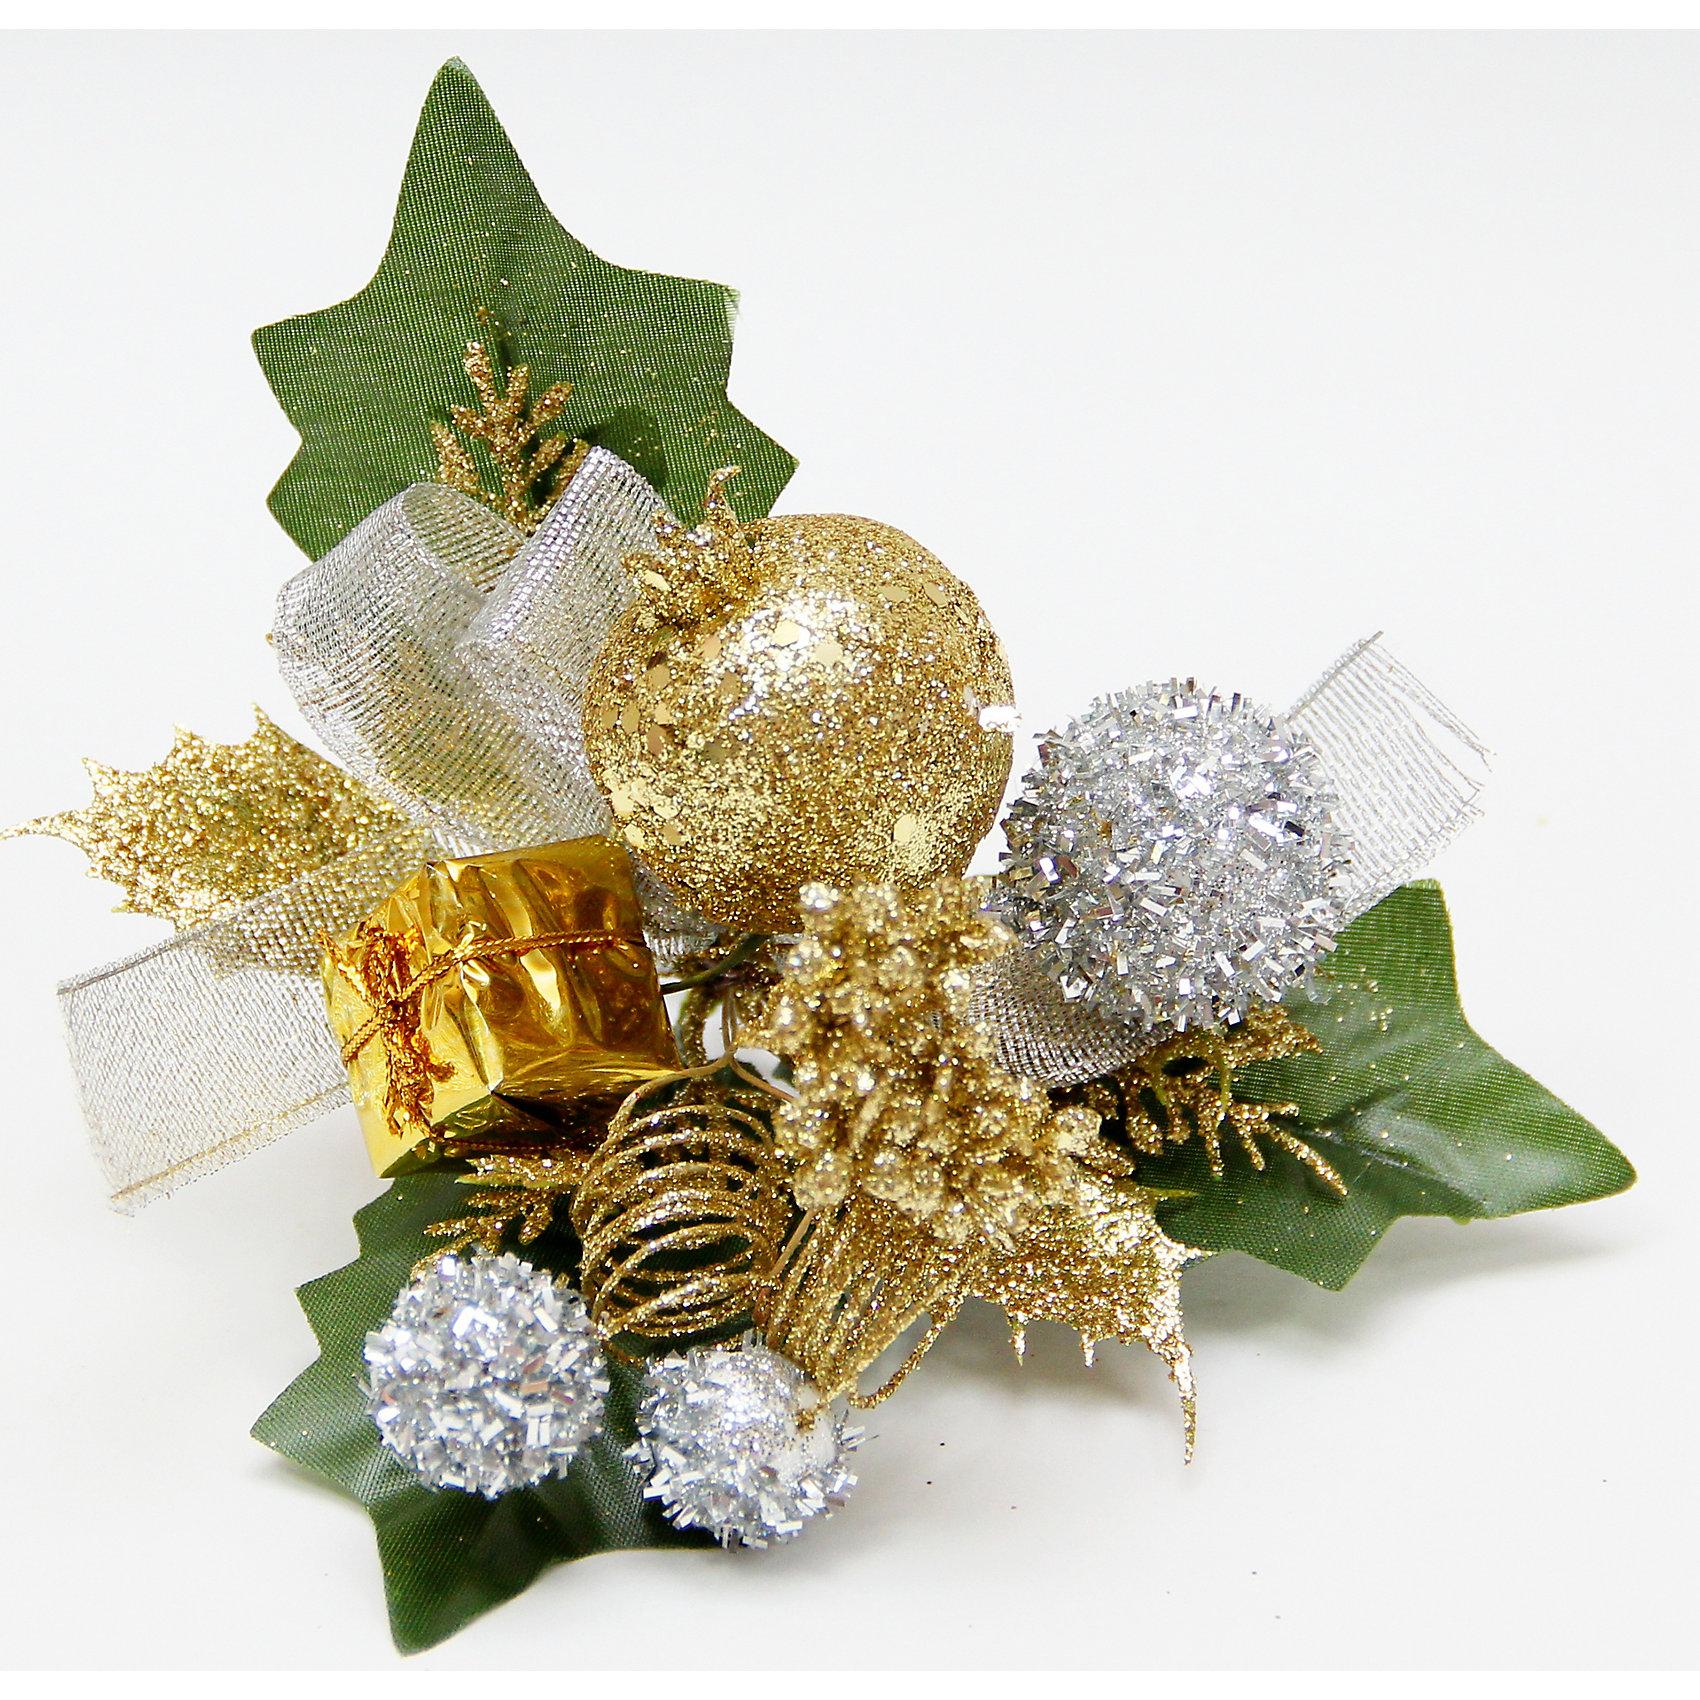 Украшение новогоднее Ягоды золото с серебром из пвх на клипсеЁлочные игрушки<br>Украшение новогоднее Ягоды золото-серебряные арт.42506 из пвх на клипсе / 15x15<br><br>Ширина мм: 150<br>Глубина мм: 150<br>Высота мм: 10<br>Вес г: 2<br>Возраст от месяцев: 60<br>Возраст до месяцев: 600<br>Пол: Унисекс<br>Возраст: Детский<br>SKU: 5144582